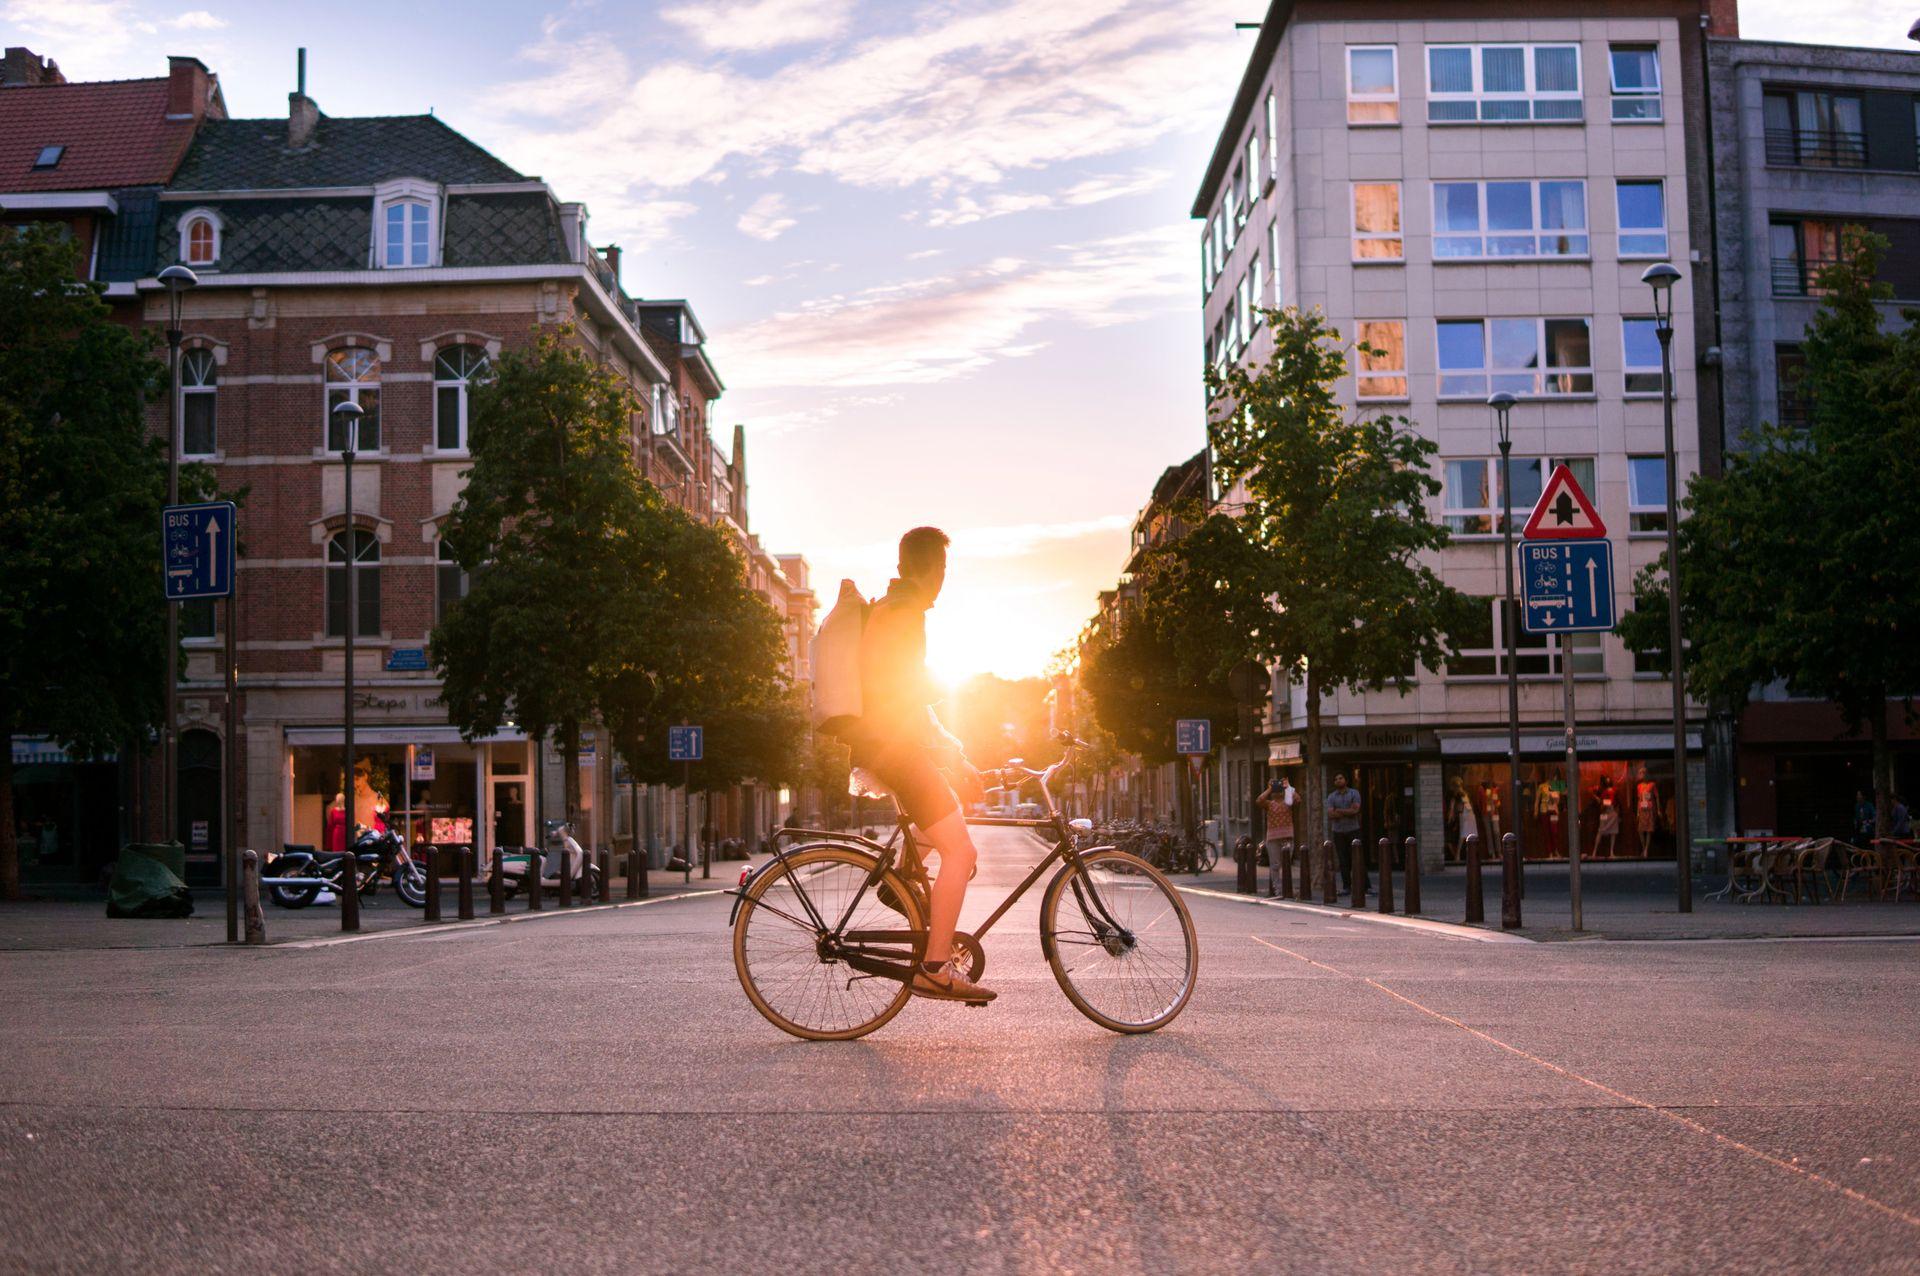 У Києві запускають іще один сервіс велопрокату